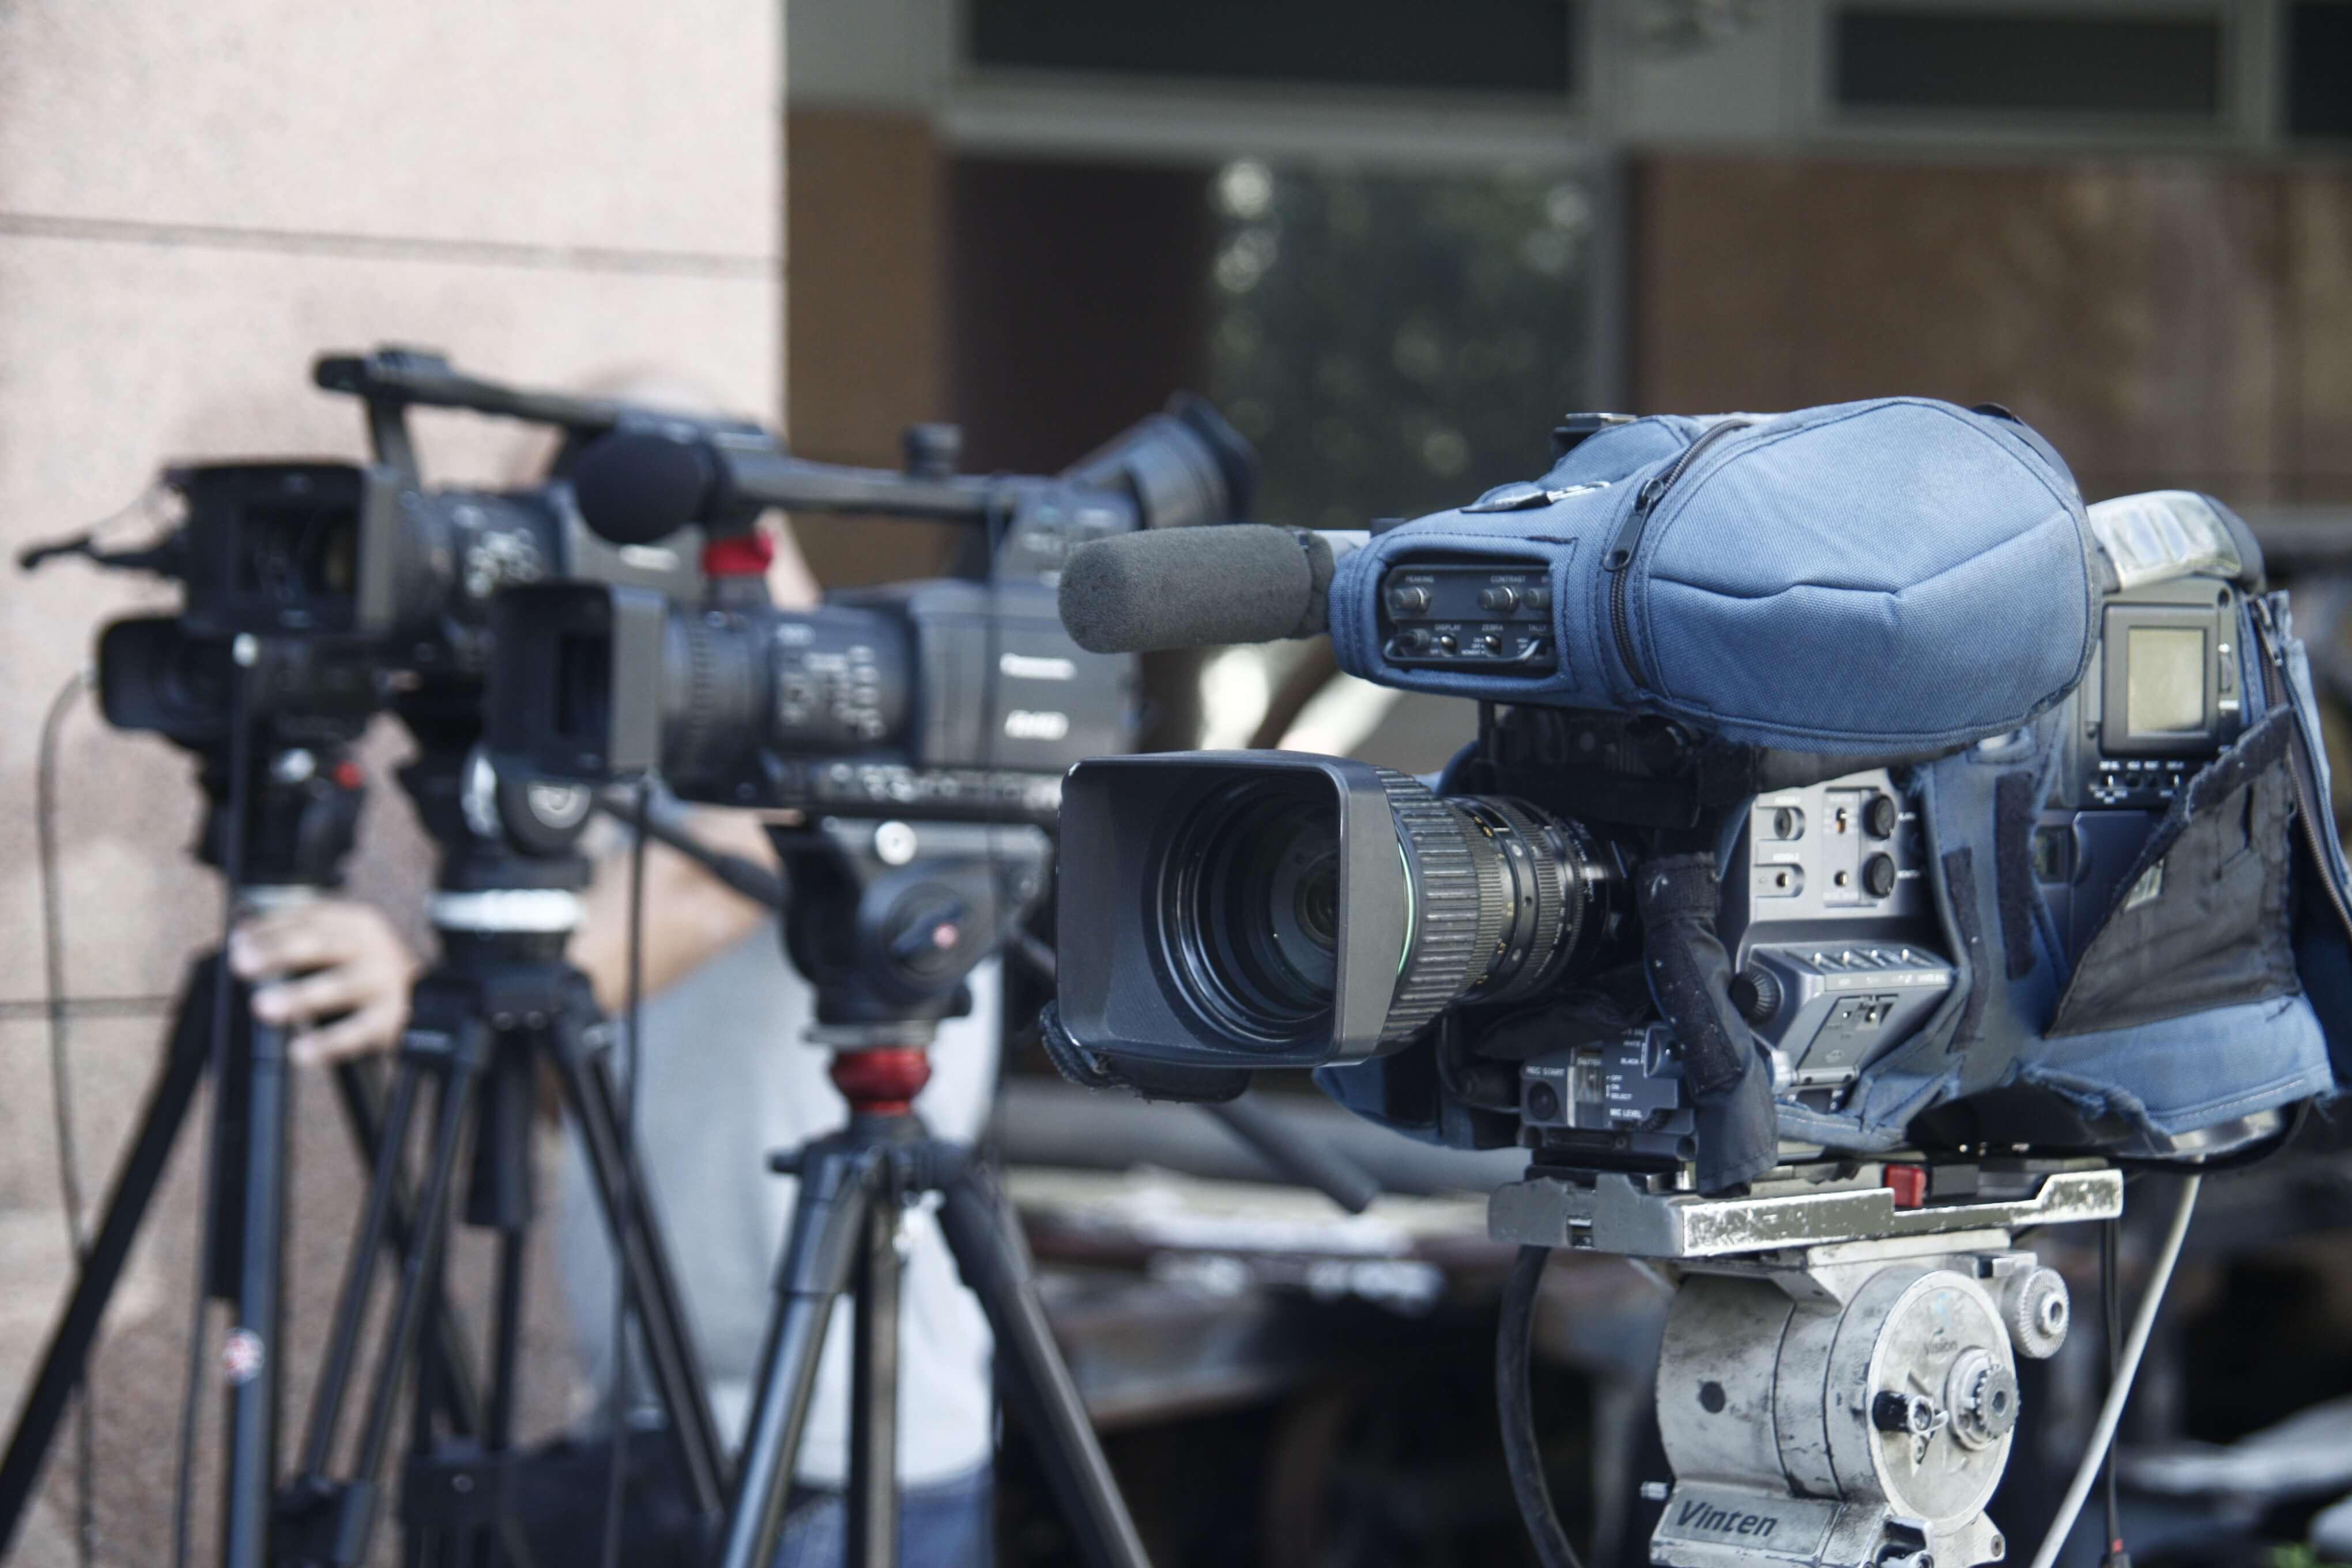 Ξεκινά ο έλεγχος στους τηλεοπτικούς σταθμούς | Newsit.gr